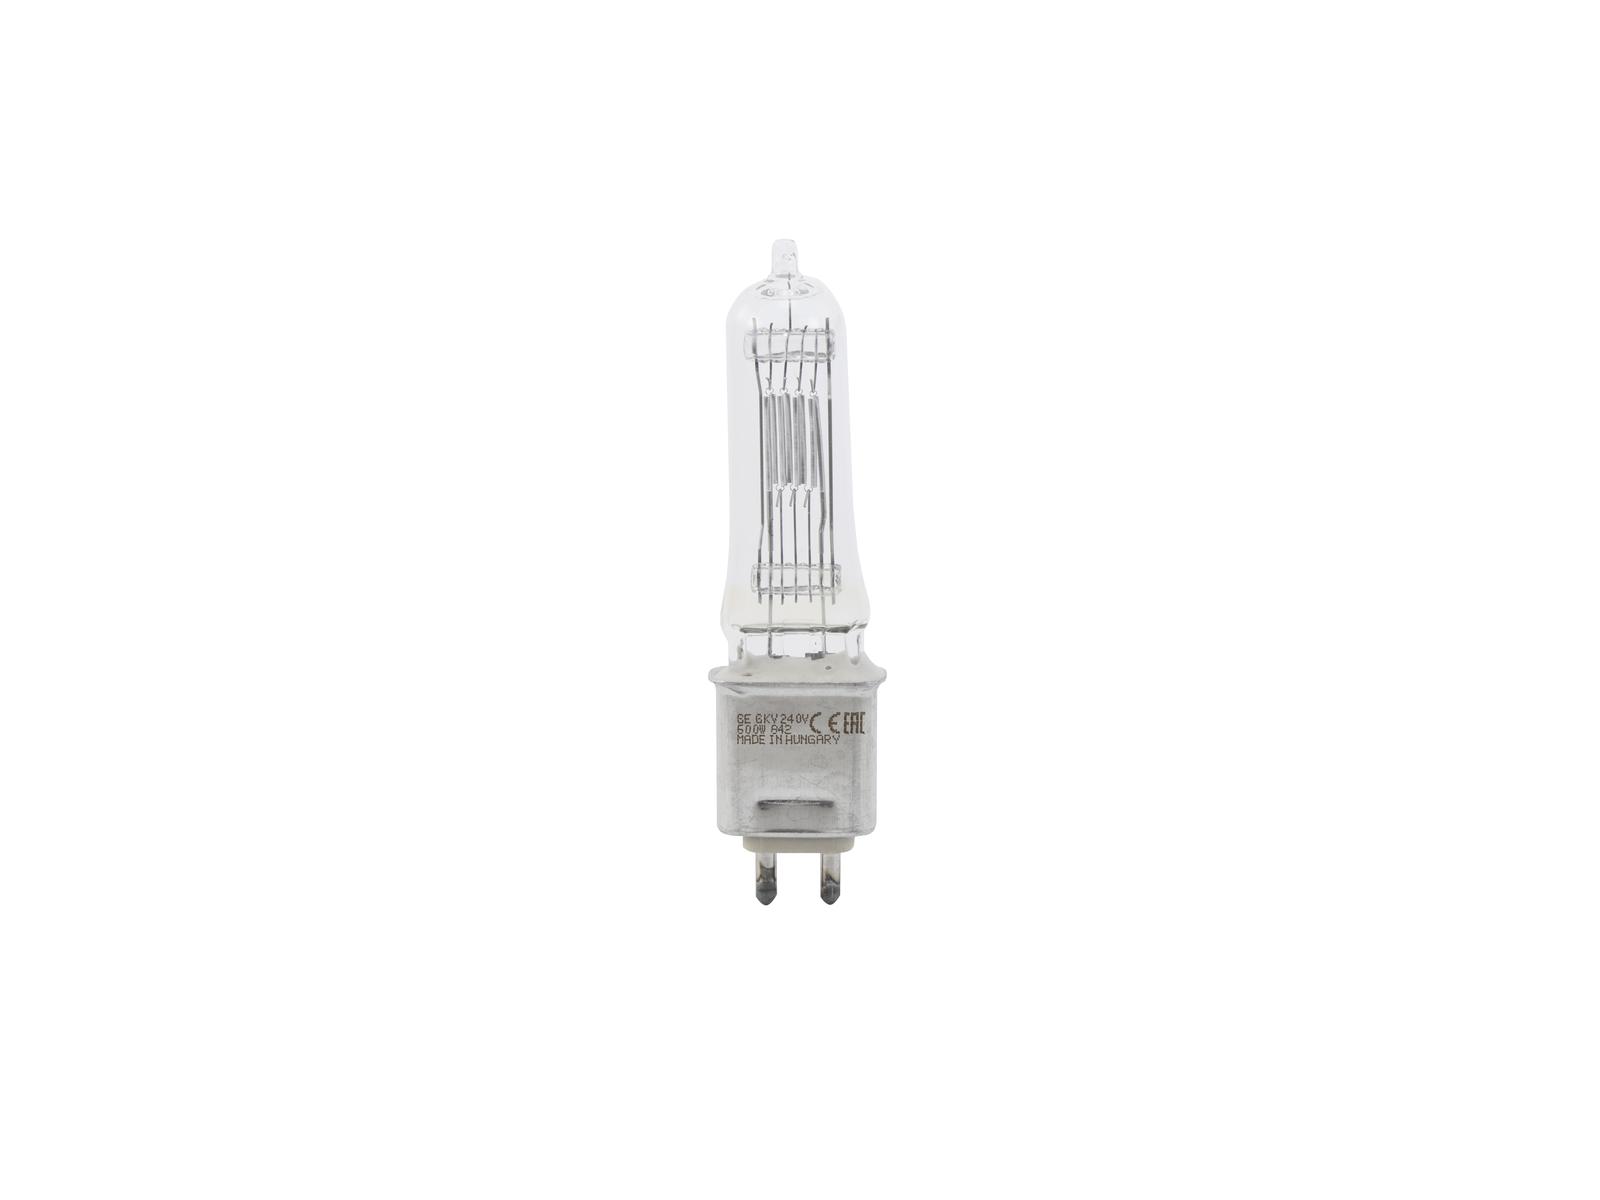 GE GKV800 240V/800W G-9.5 250h 3200K